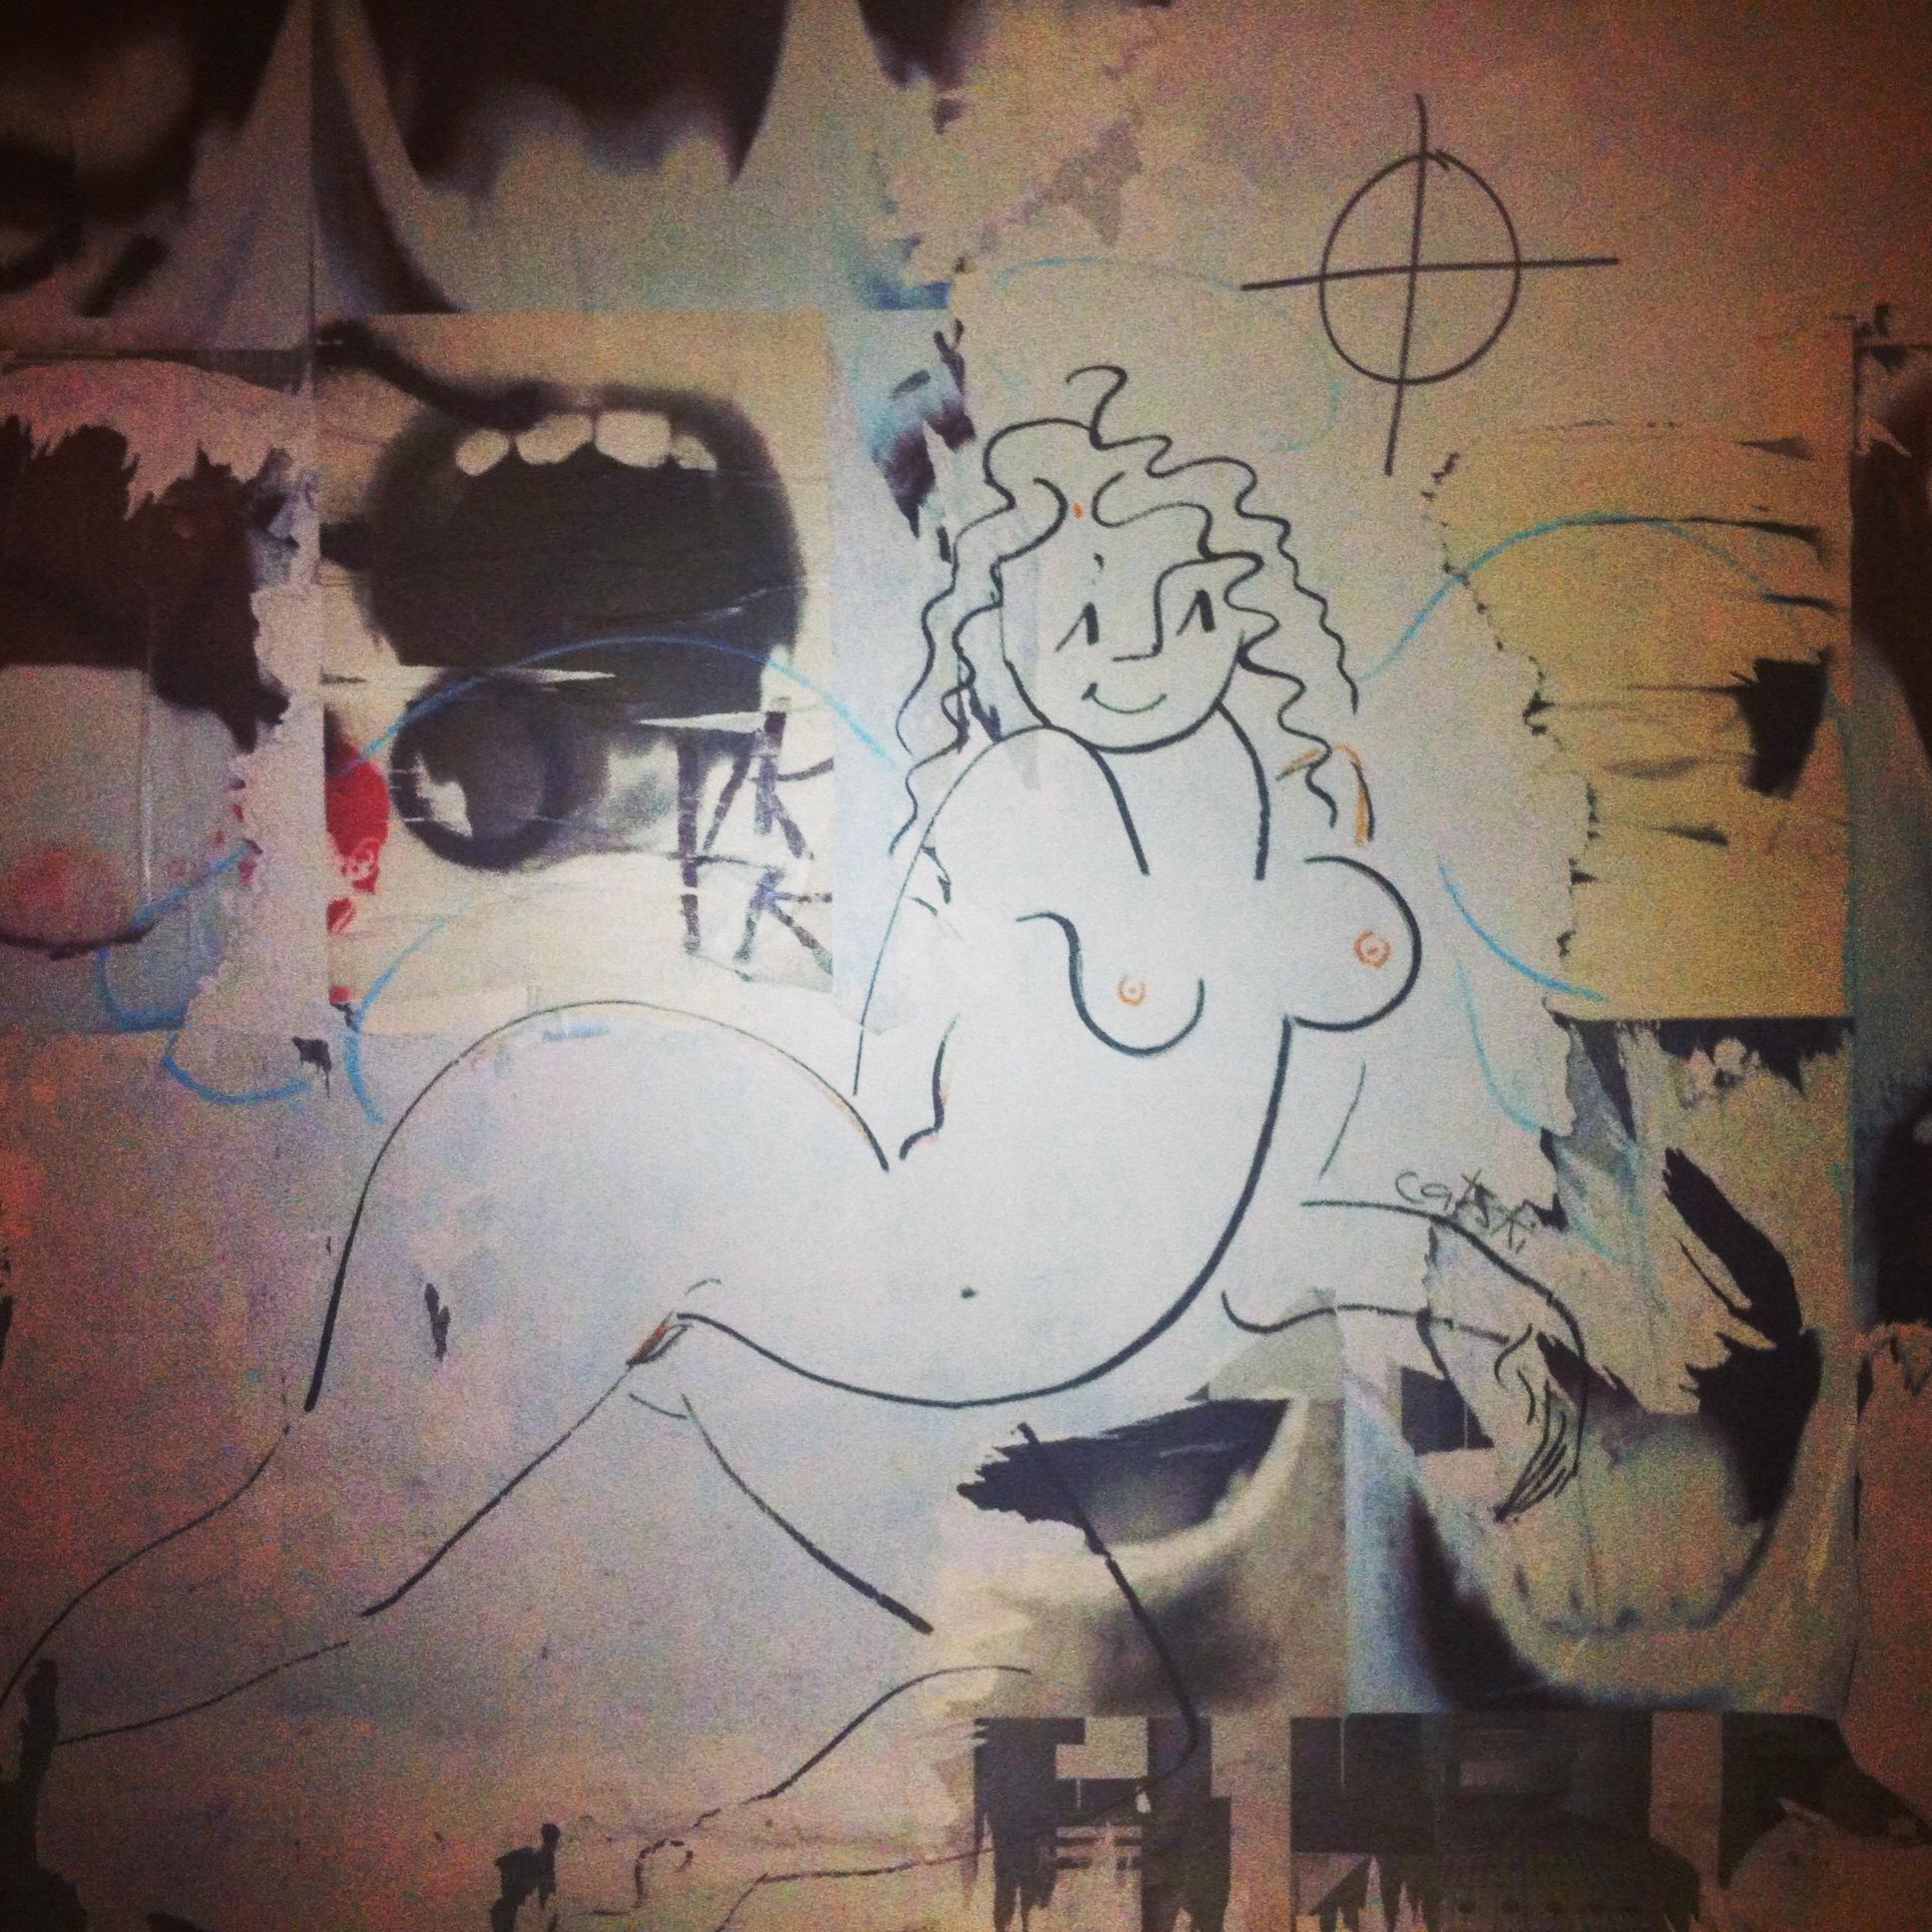 Street art in Montparnesse